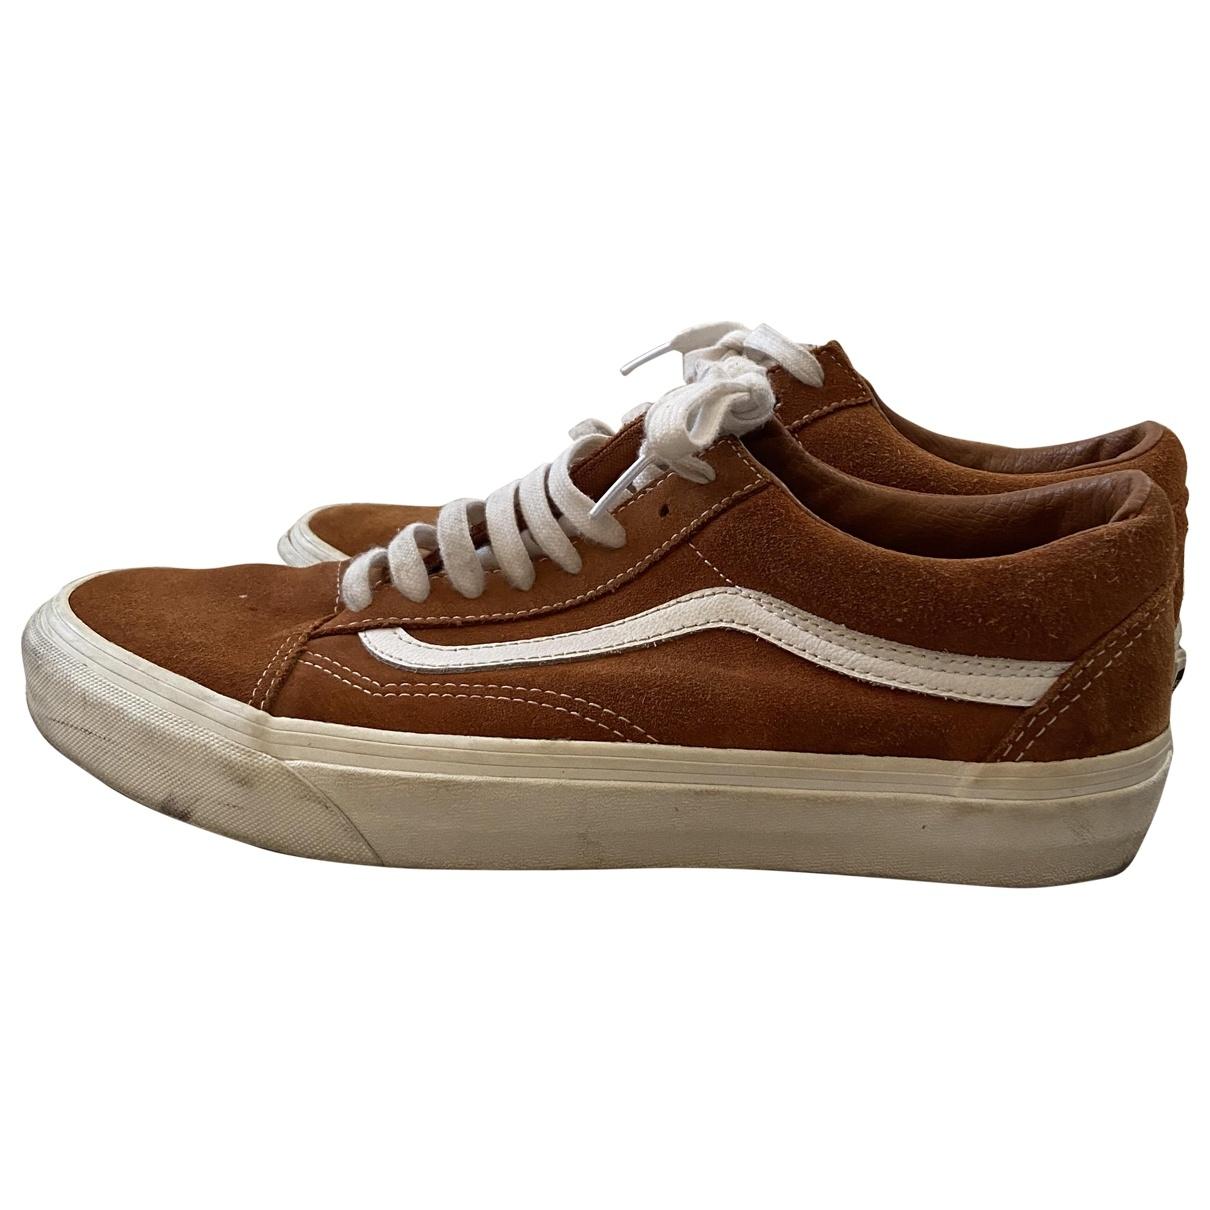 Vans \N Sneakers in  Kamel Veloursleder